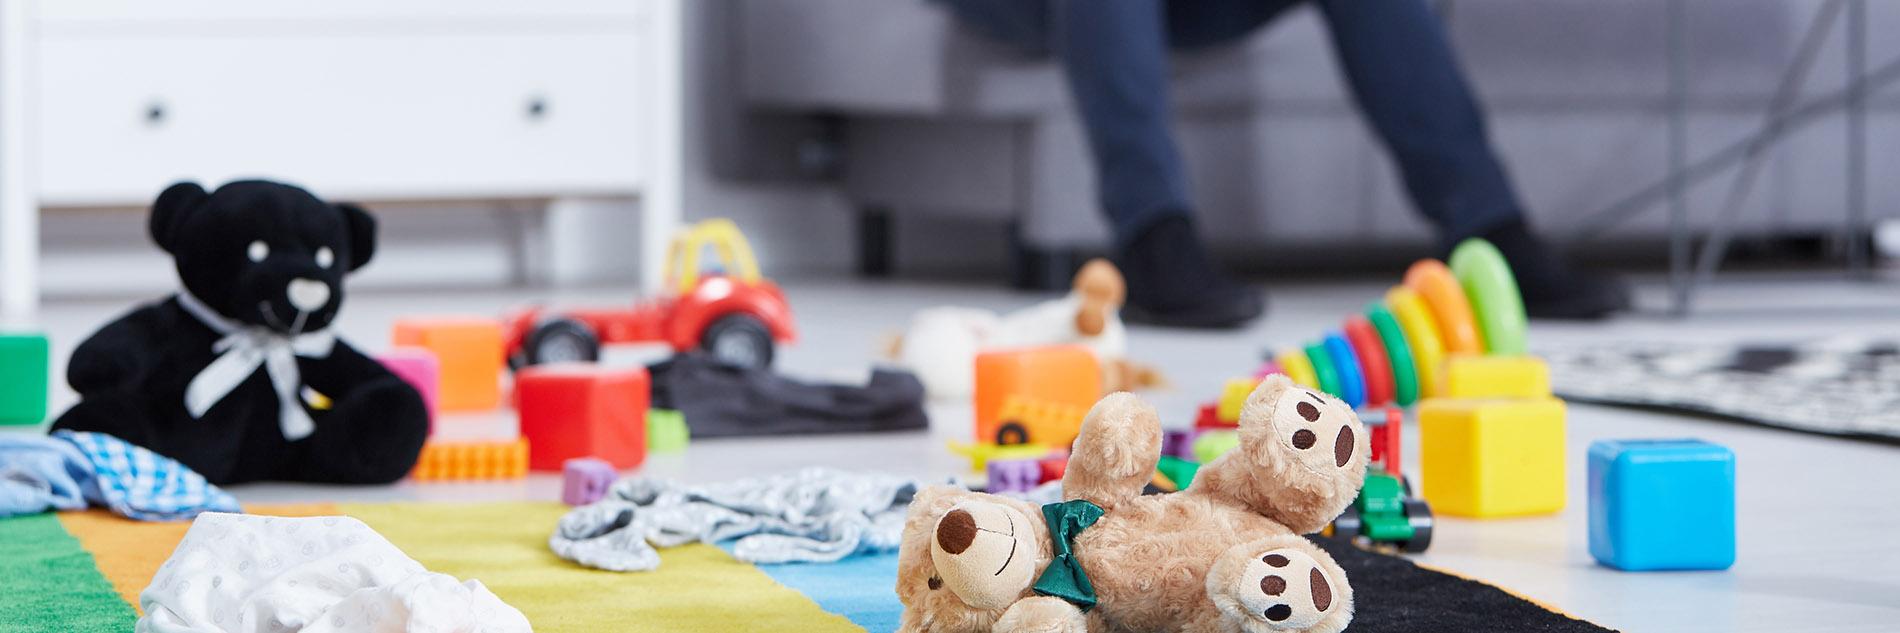 Estudo: quanto mais brinquedos, pior a qualidade da brincadeira